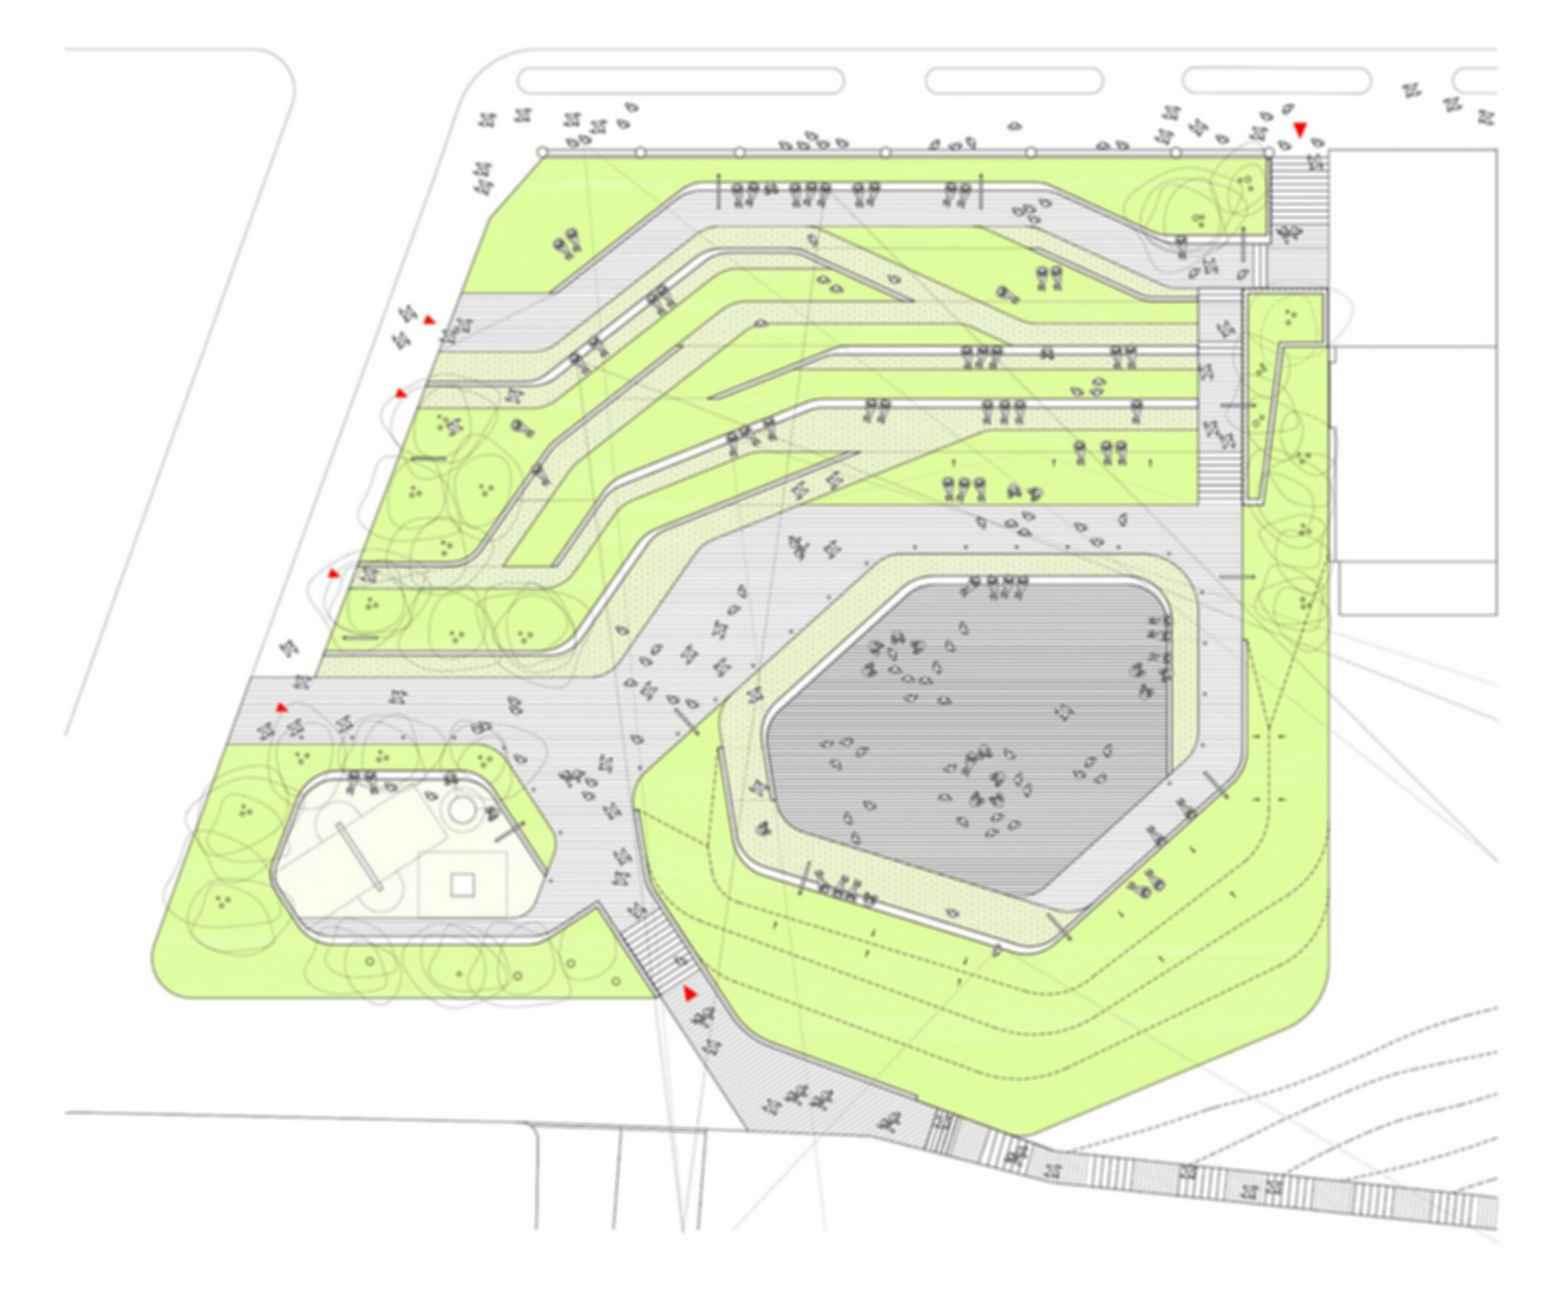 San Martin de la Mar Square - floor plan